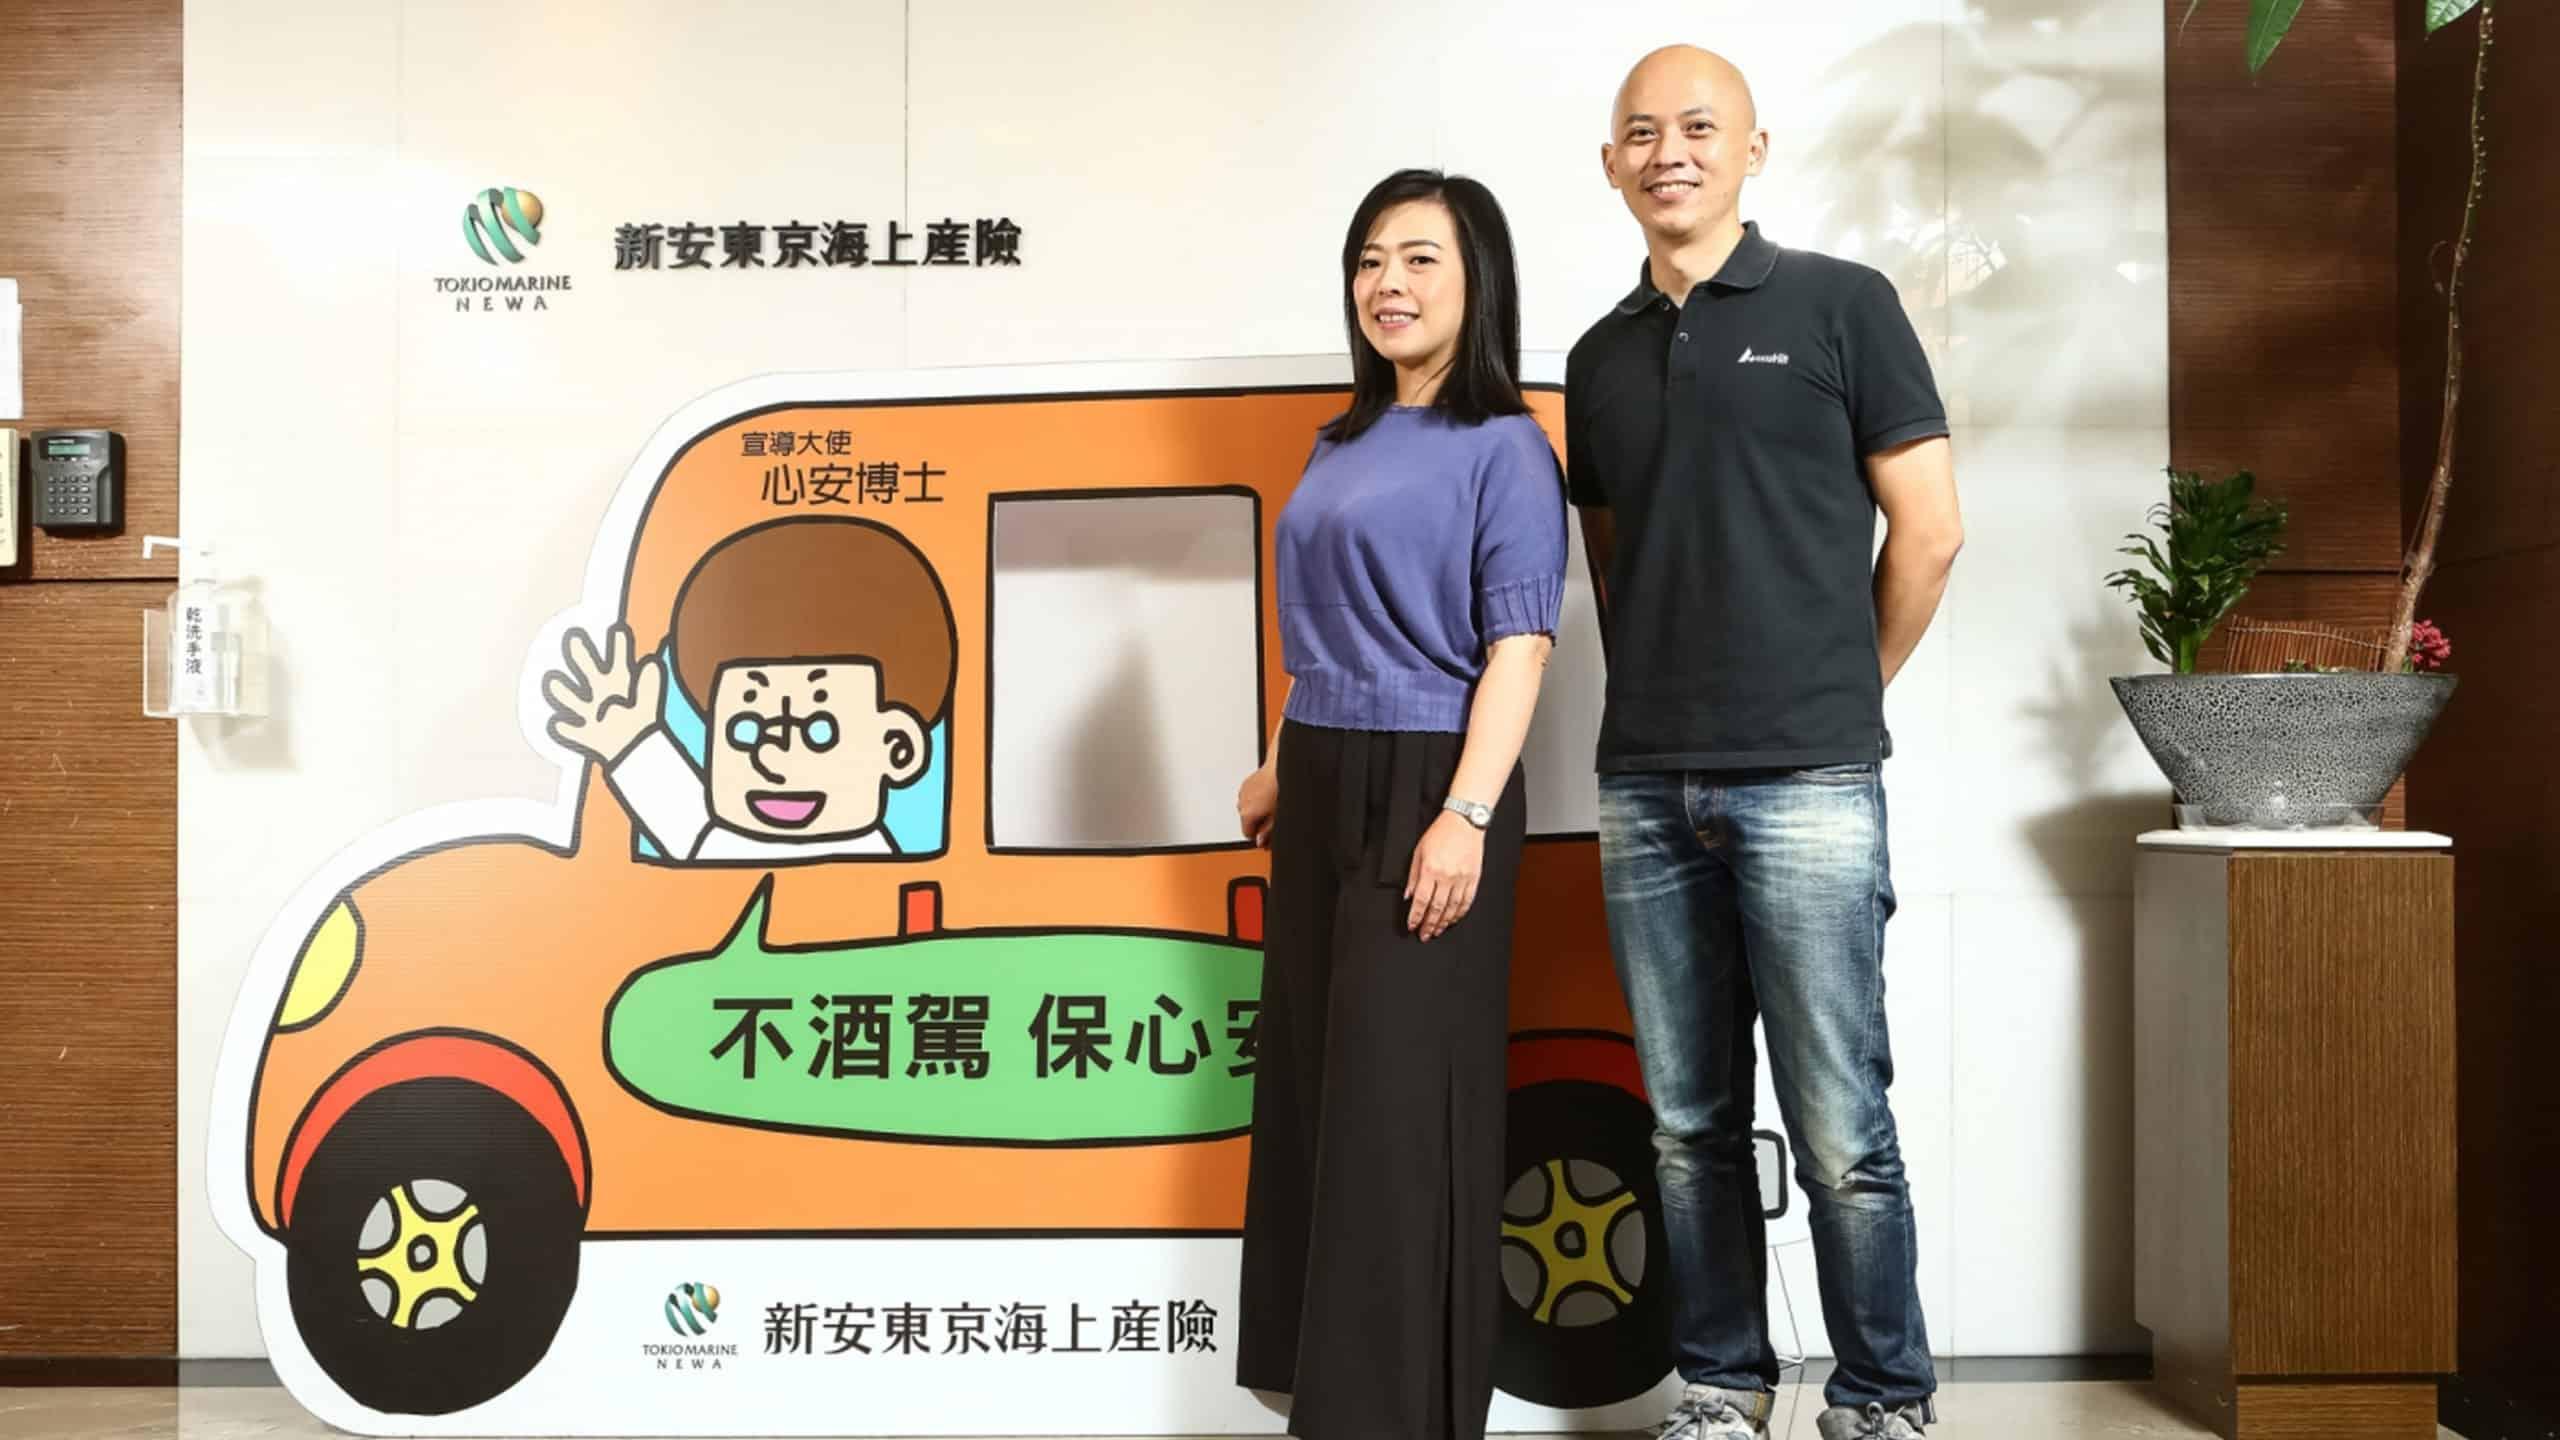 「車險王」用AI找保戶!新安東京海上借力MarTech新創,網路投保率大勝同業